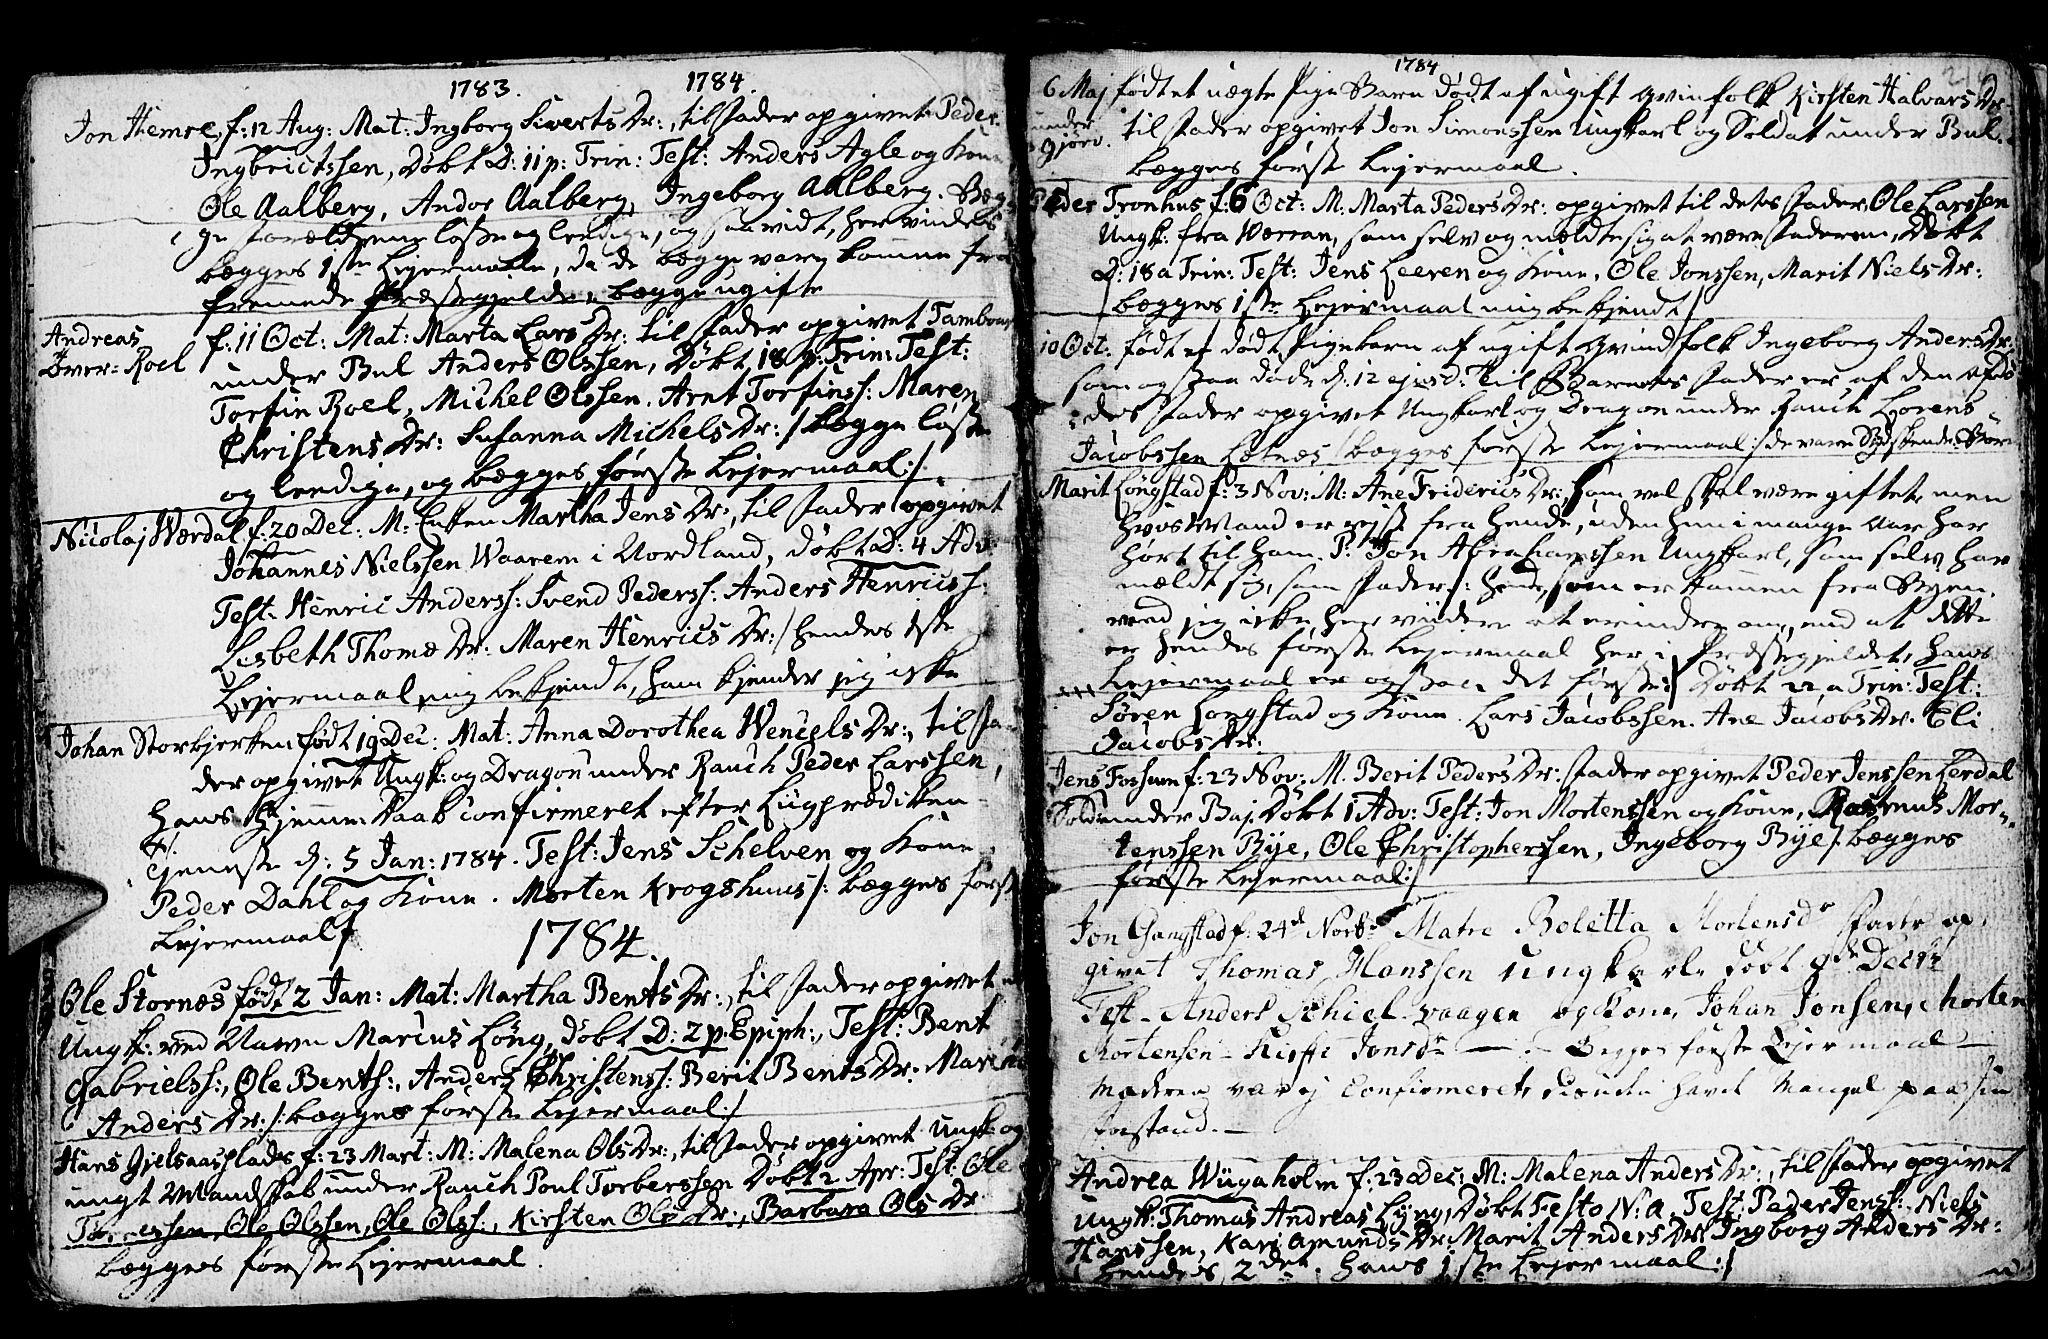 SAT, Ministerialprotokoller, klokkerbøker og fødselsregistre - Nord-Trøndelag, 730/L0273: Ministerialbok nr. 730A02, 1762-1802, s. 214